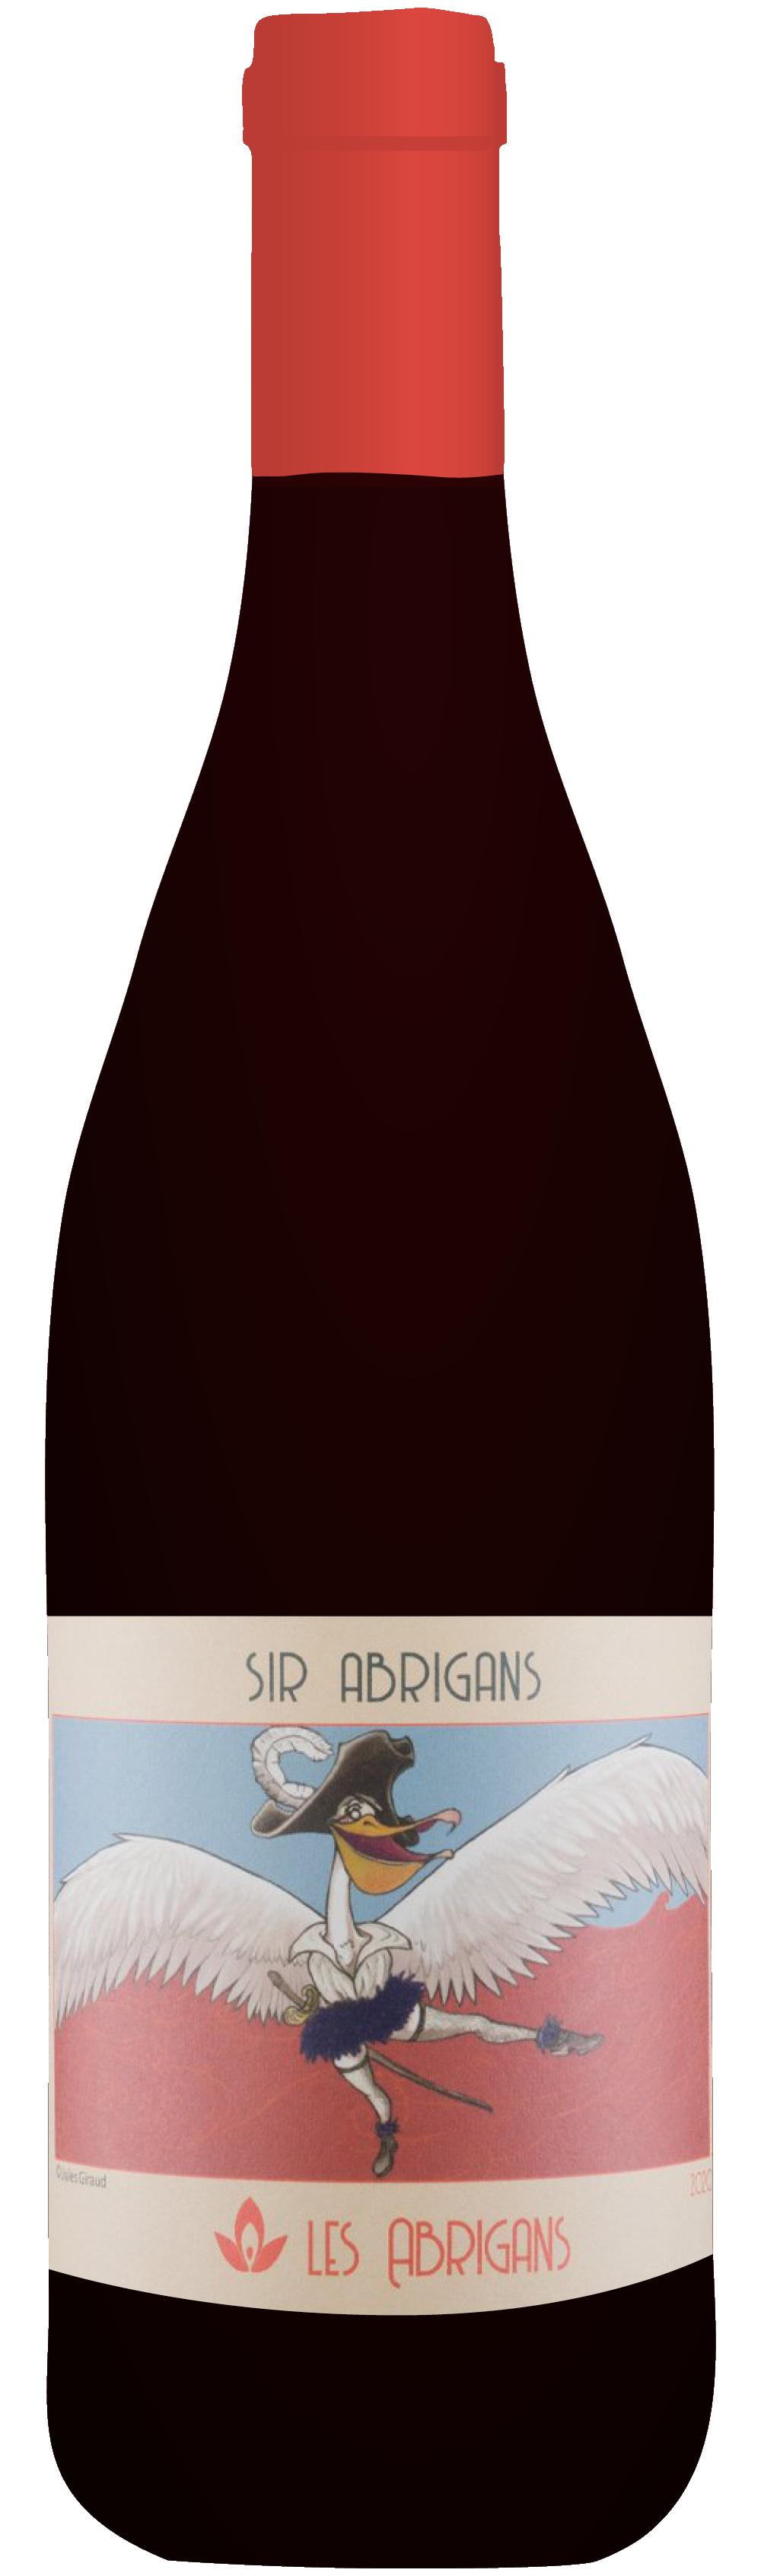 thenaturalwinecompany_october bottles_20213